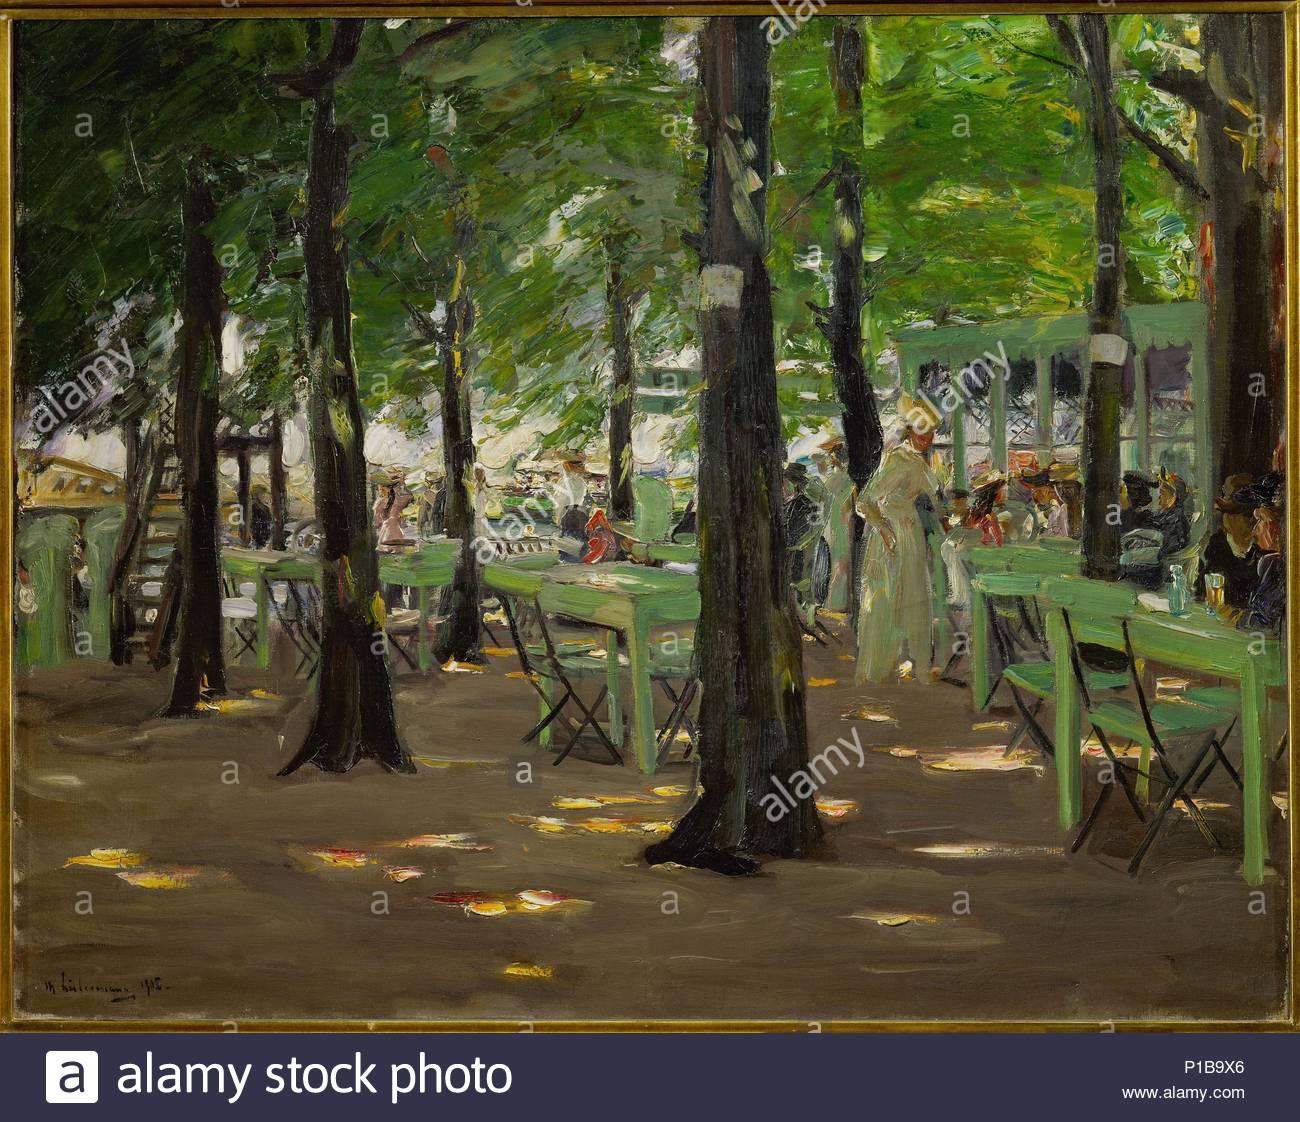 """"""" De Oude Vinck"""", garden restaurant in the outskirts of Leiden (Netherlands), 1905 Canvas, 71 x 88 cm Inv.1653. Author: Max Liebermann (1847-1935). Location: Kunsthaus, Zurich, Switzerland. - Stock Image"""